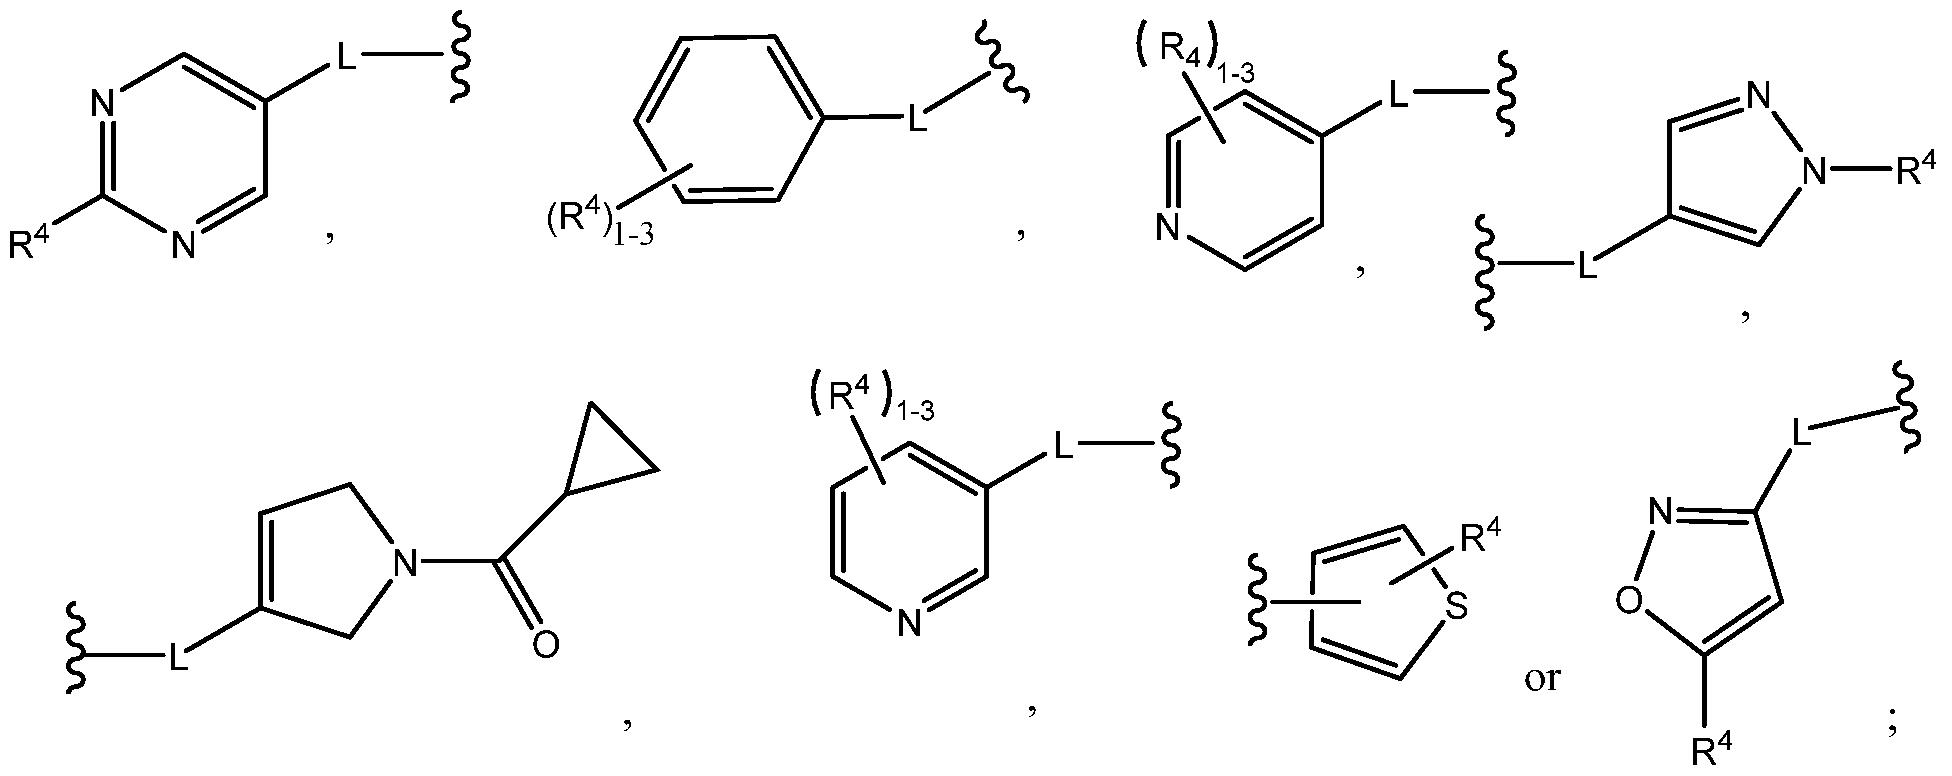 Figure imgf000287_0002